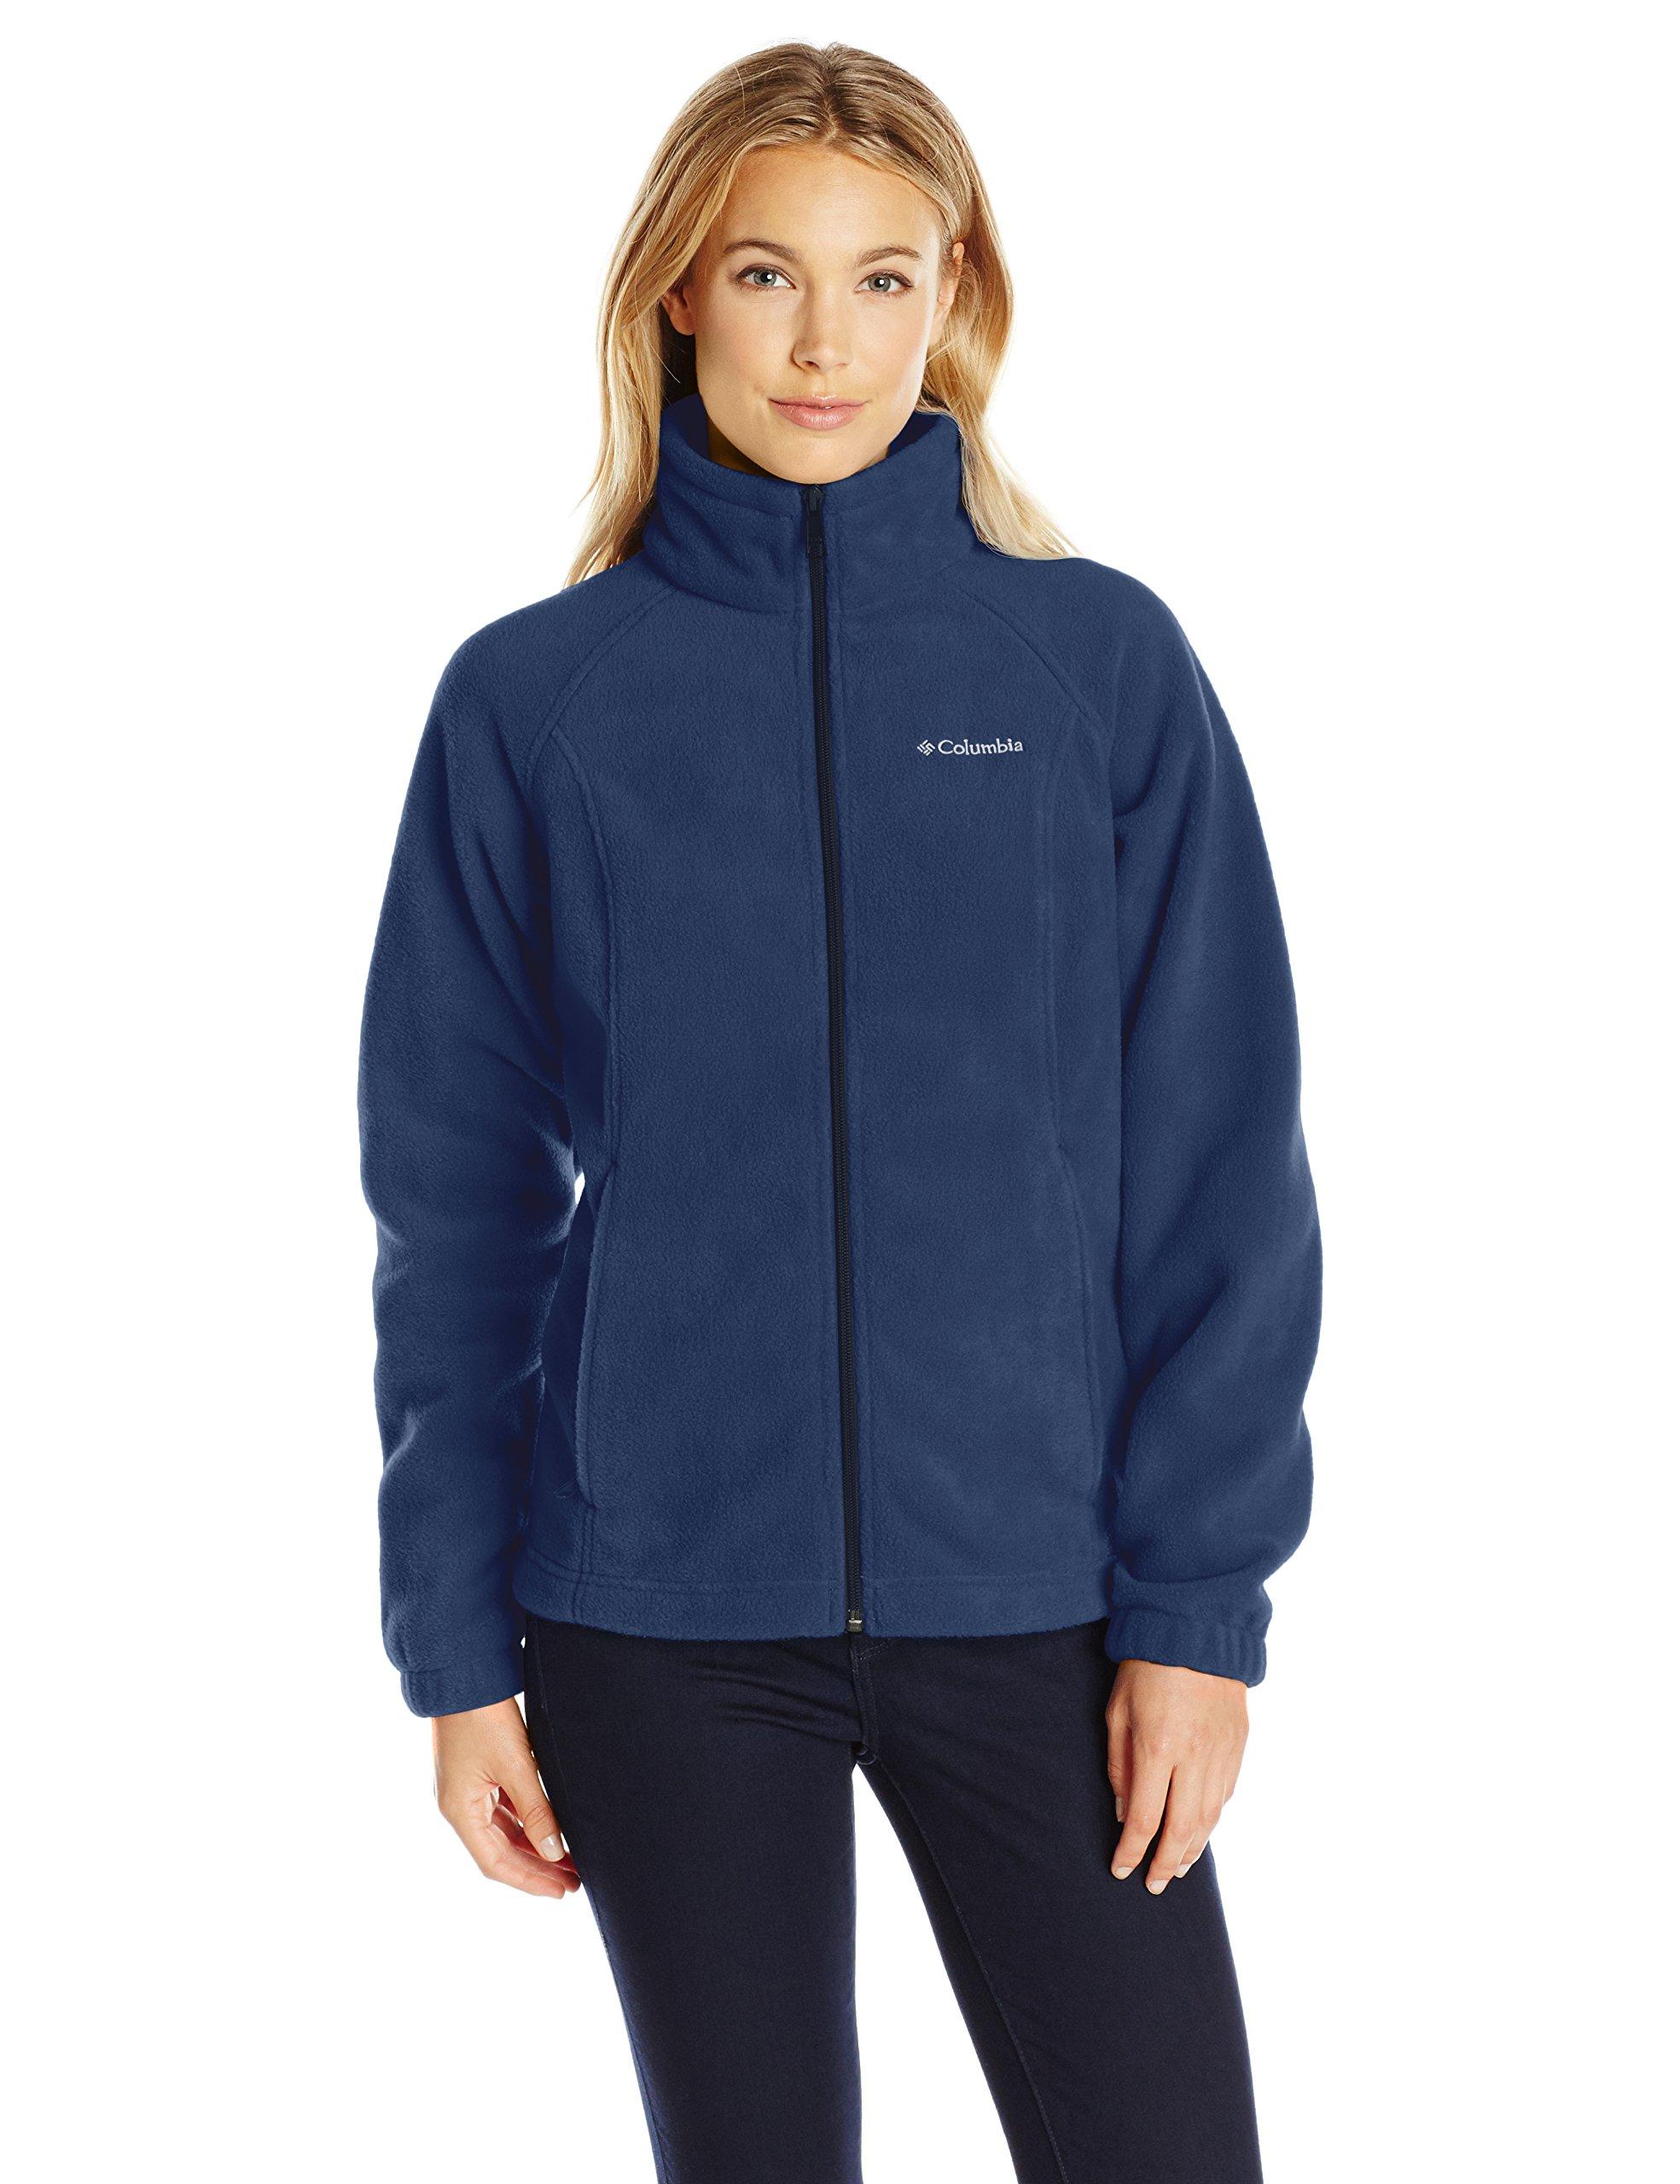 Columbia Women's Petite Benton Springs Full Zip Fleece Jacket - X-Large - Columbia Navy